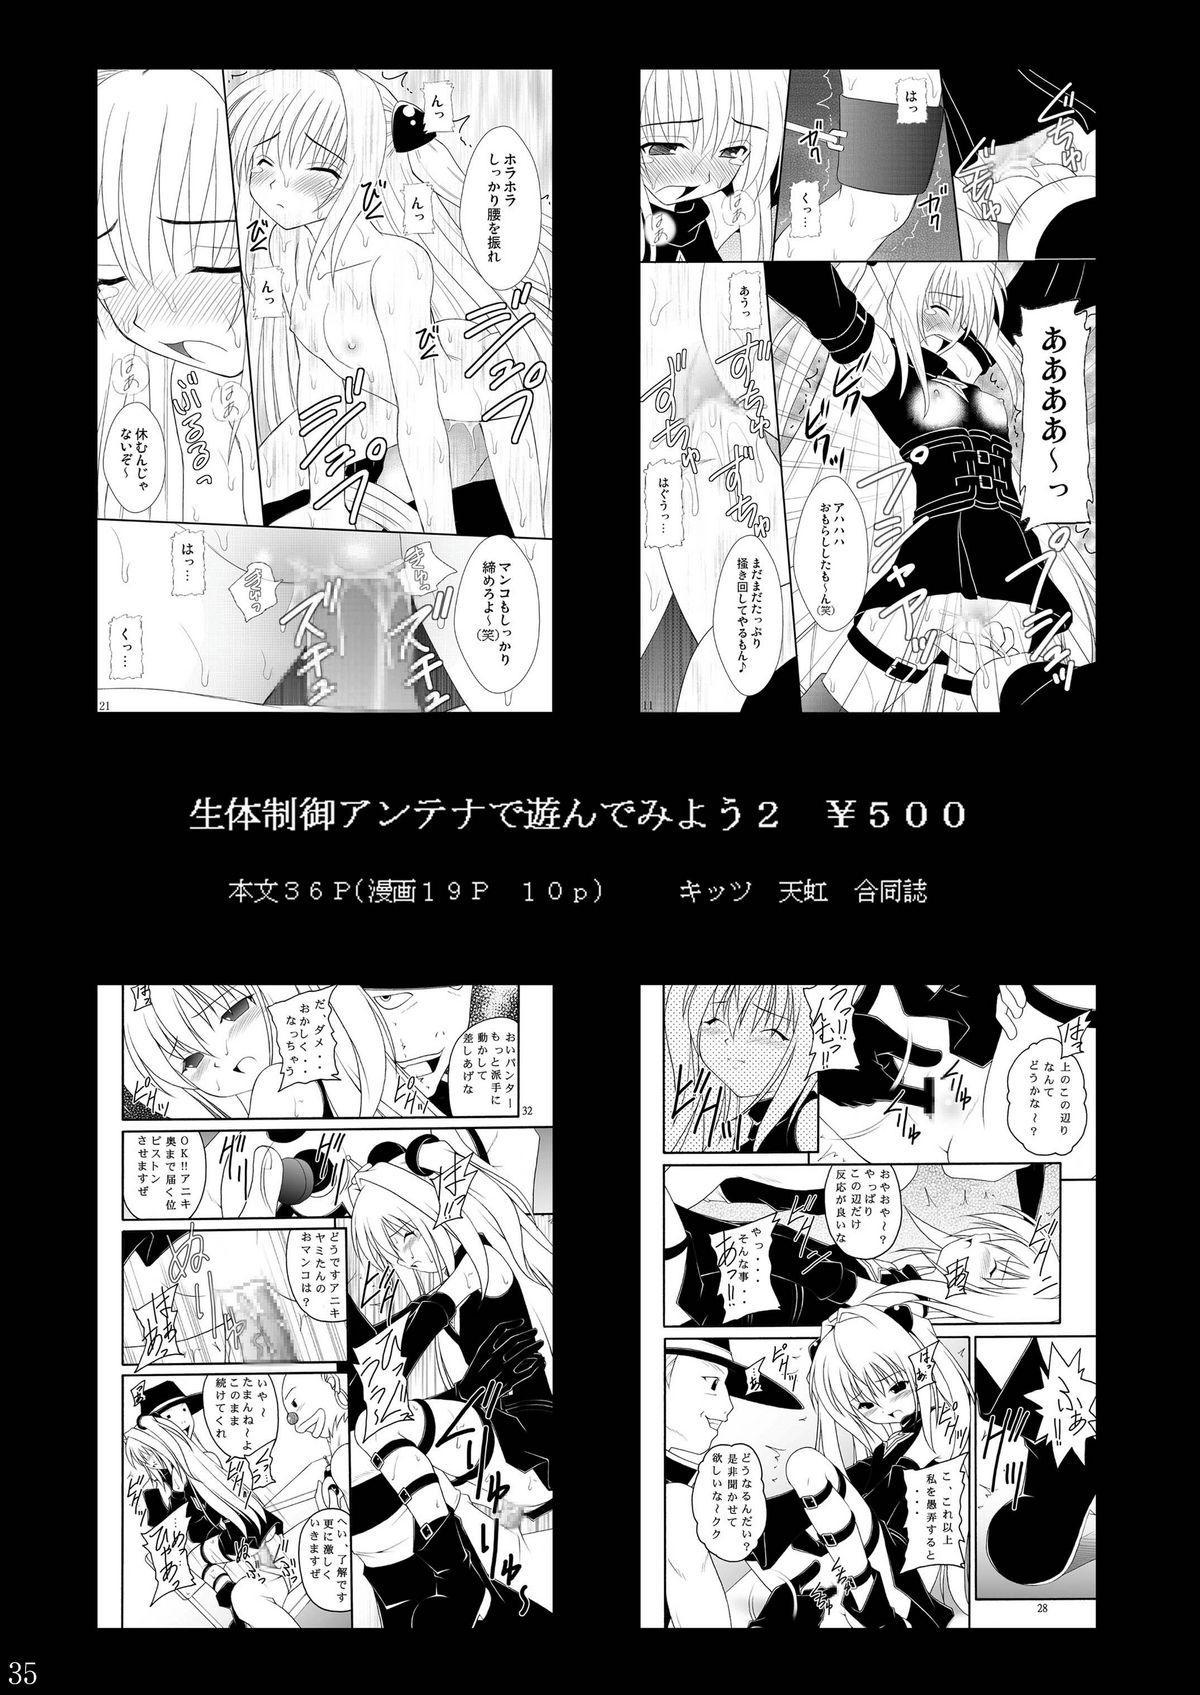 Seishin Houkai suru made Kusuguri Makutte Ryoujoku shite miru Test 34